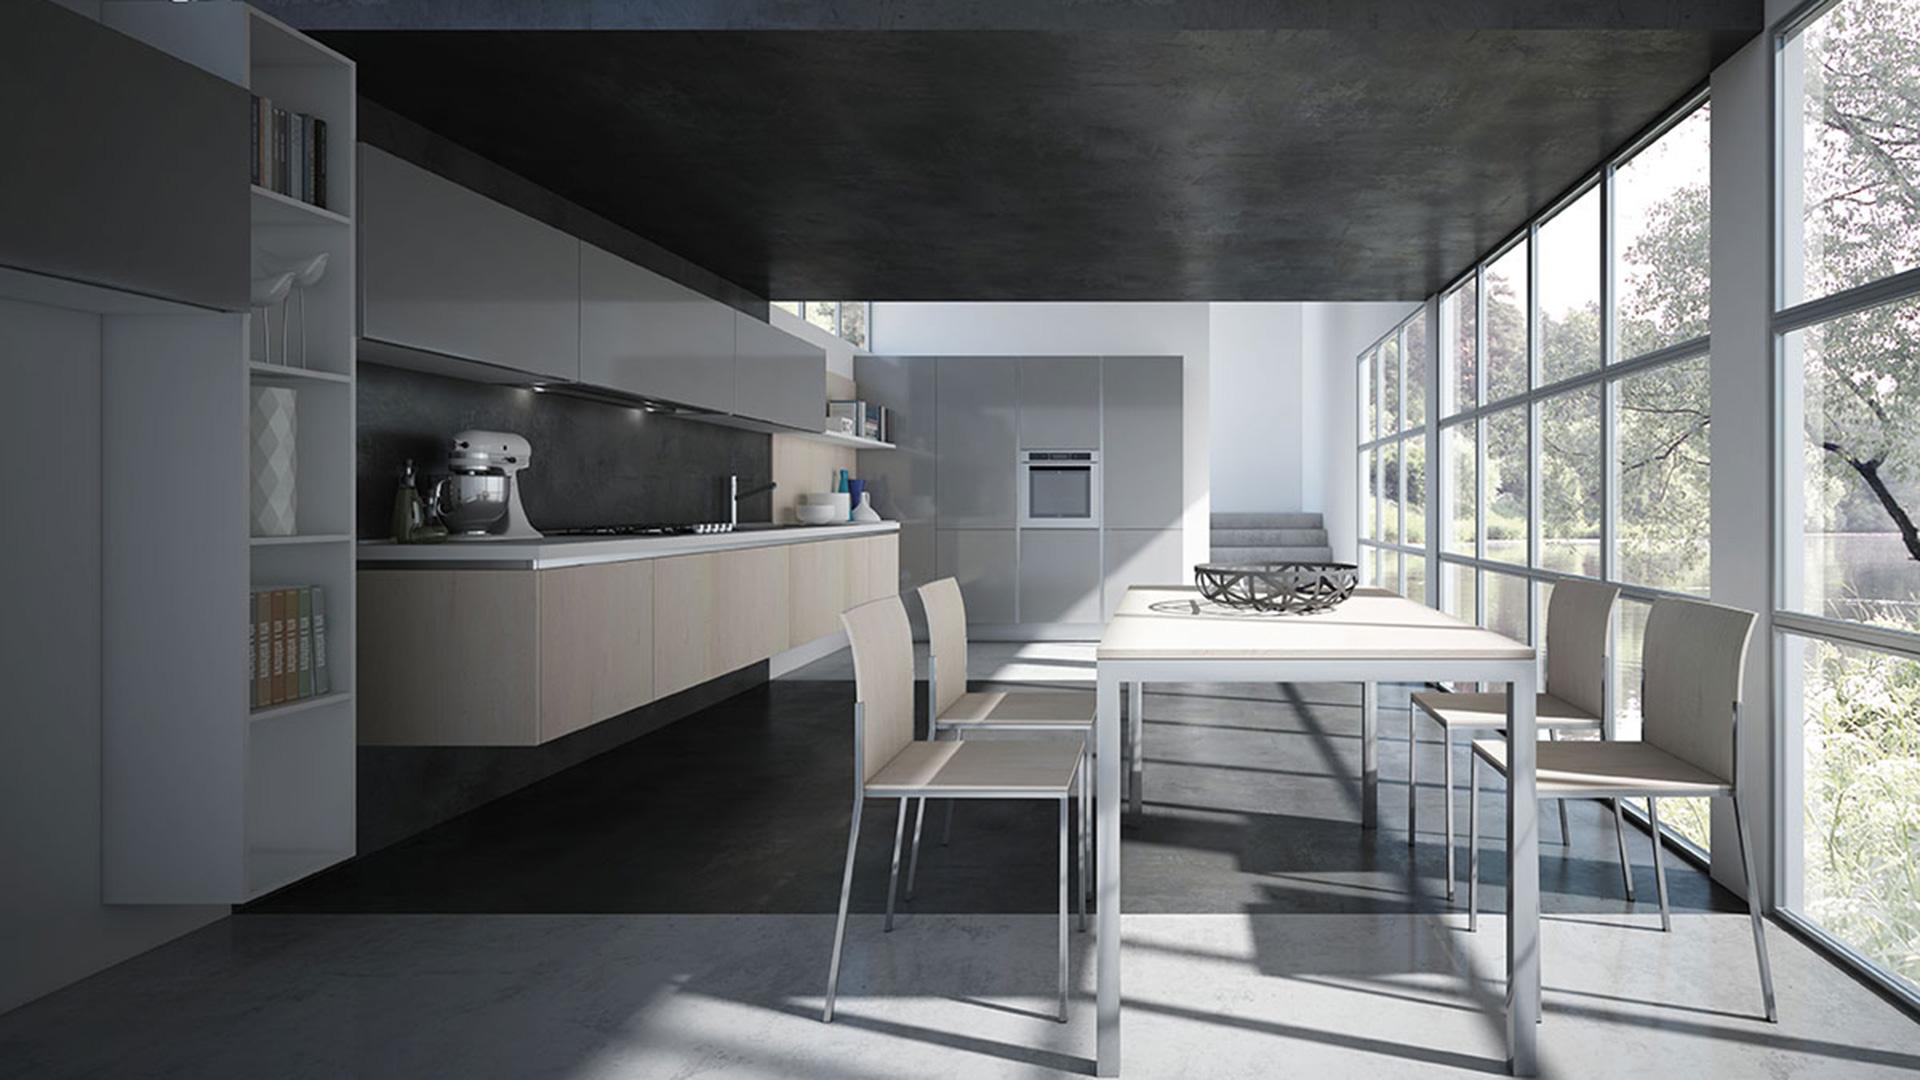 Arredo Cucine On Line : Arredo cucine on line. Arredamento cucine ...